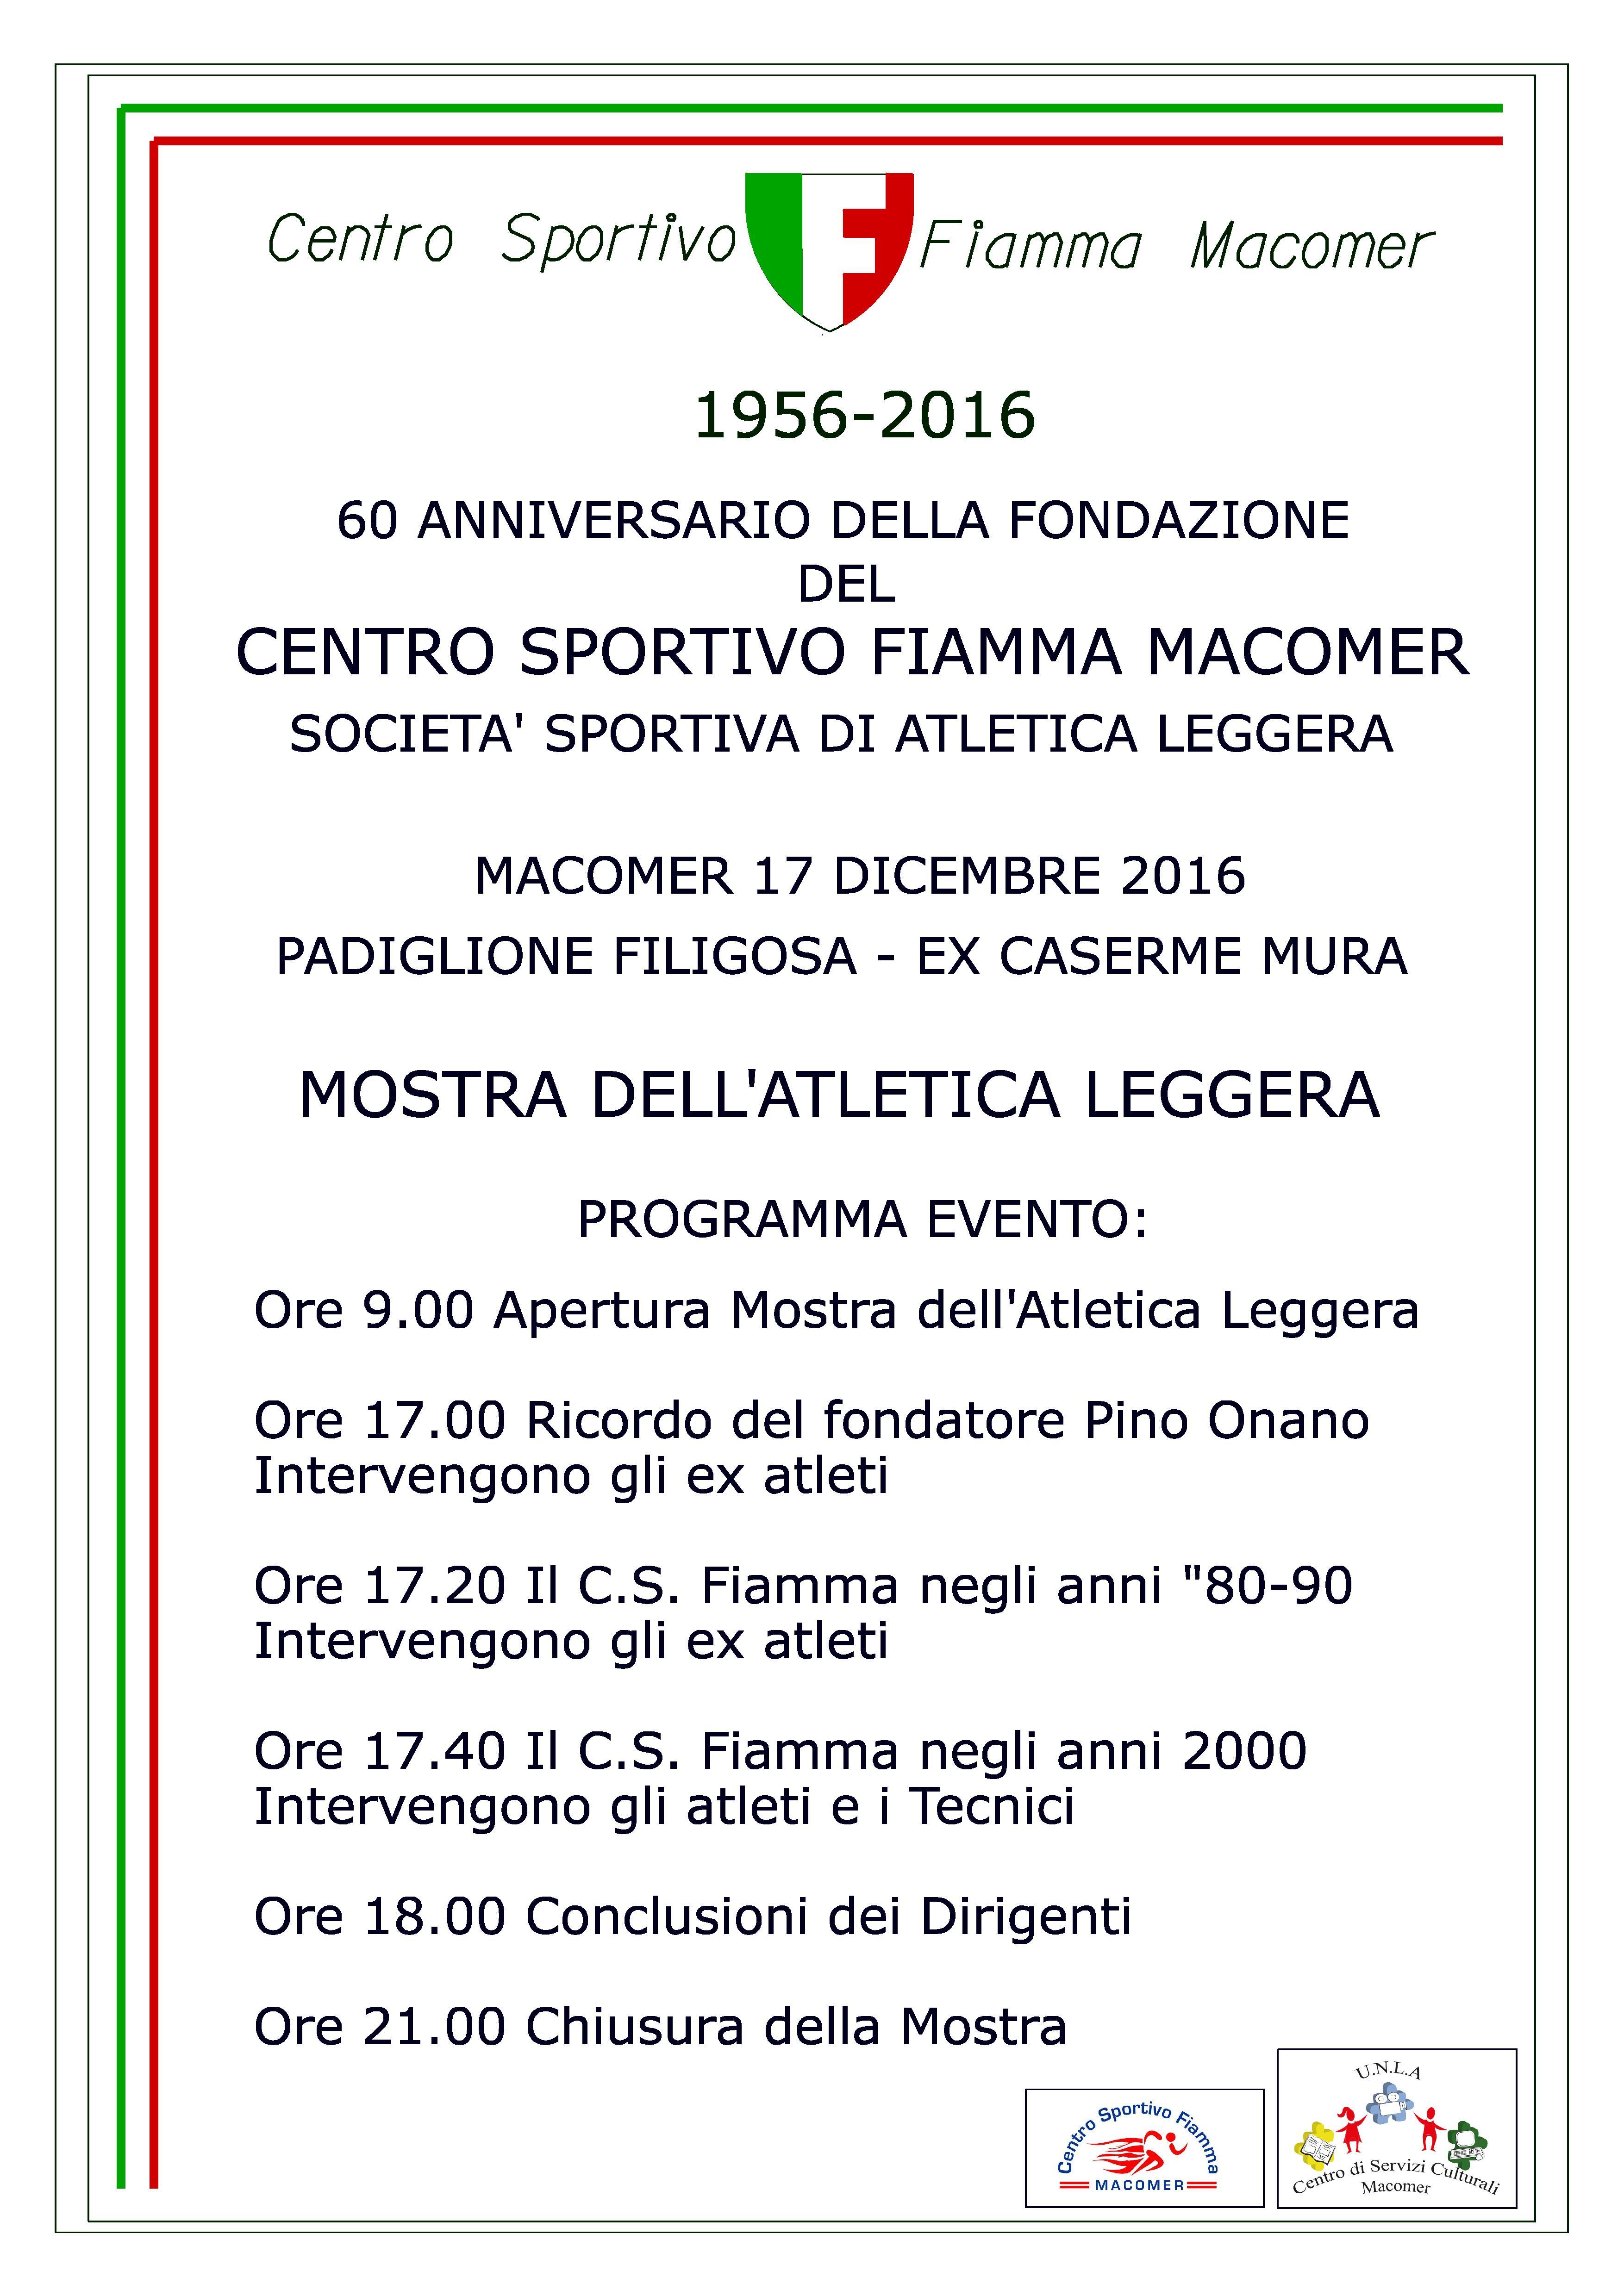 60° Anniversario della Fondazione del Centro Sportivo Fiamma Macomer. Sabato 16 Dicembre ore 9